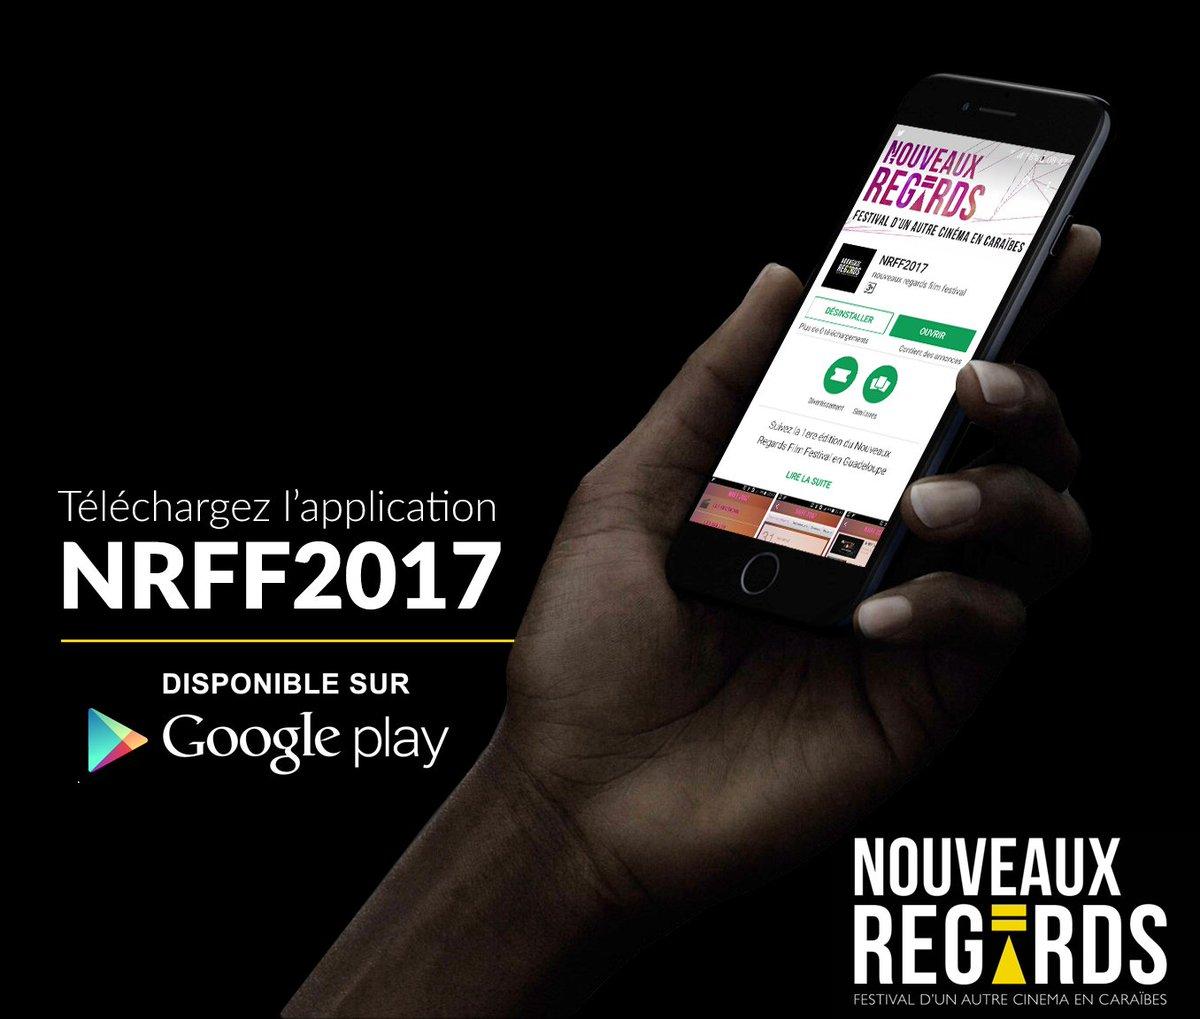 Infos, sélection, synopsis, heures de projection...tout y est! Téléchargez l&#39;#application #NRFF2017, ici-&gt;  http:// bit.ly/applicationnrff  &nbsp;   #Digital <br>http://pic.twitter.com/xOjXVNEPdy